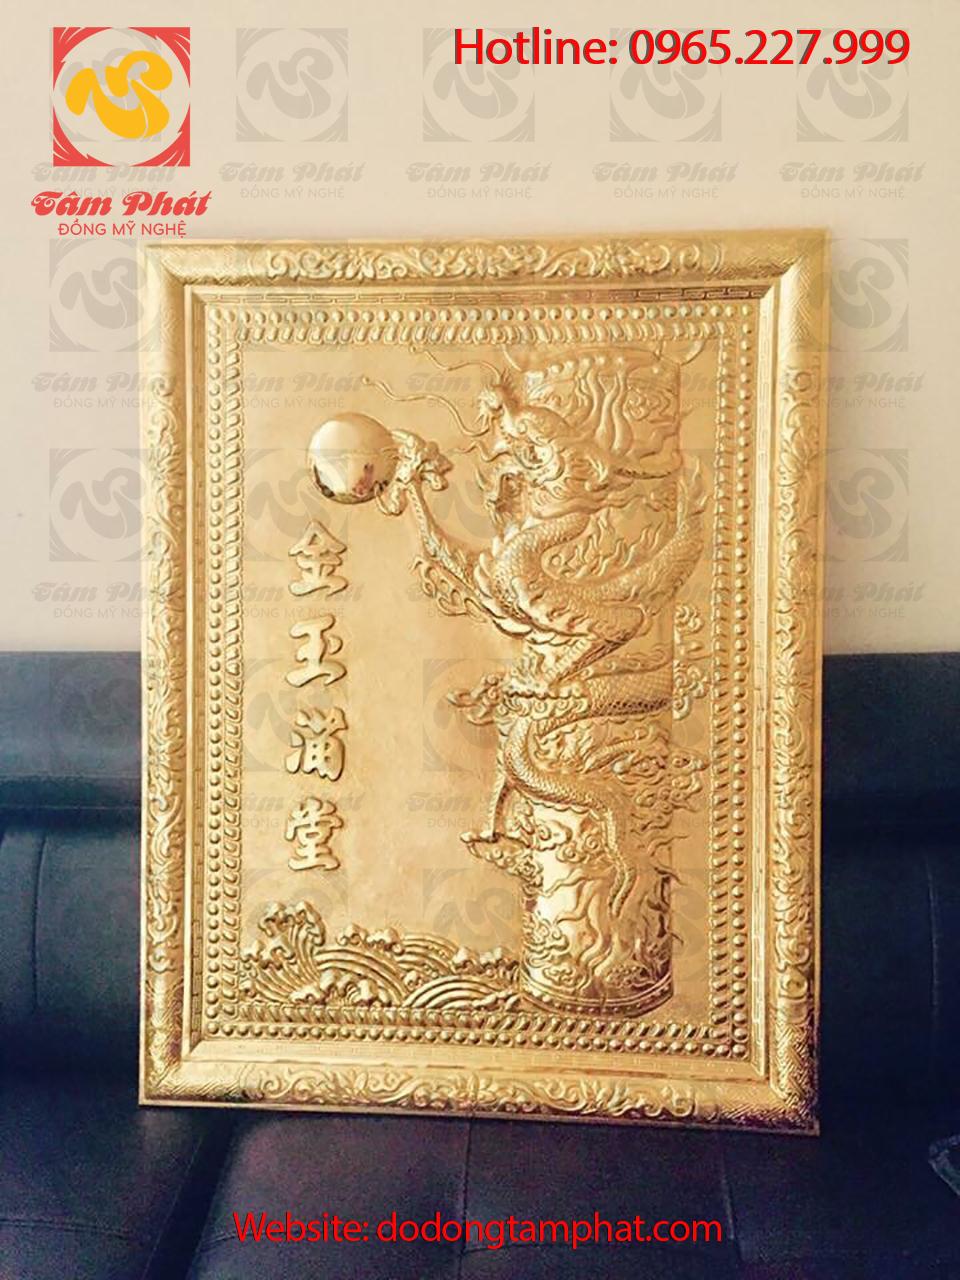 Tranh đồng mạ vàng cao cấp, sang trọng Tâm Phát